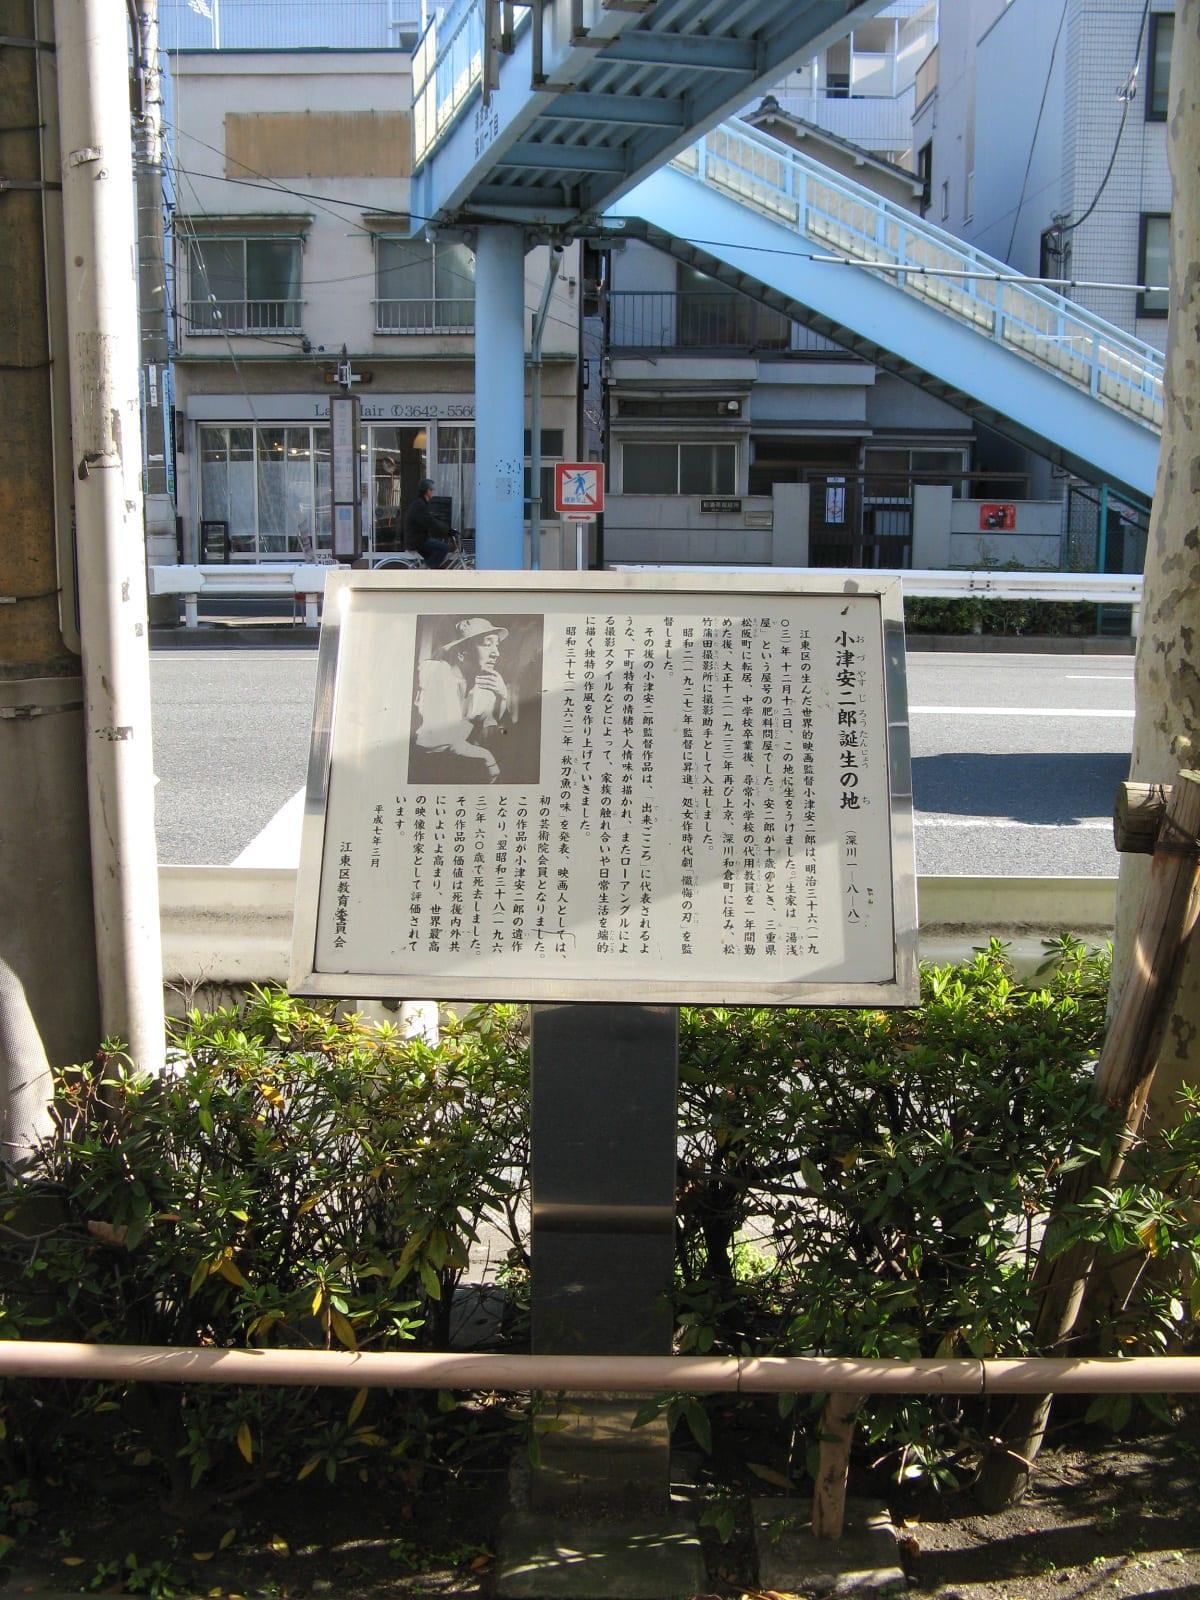 2011年1月23日 深川散歩イベント...